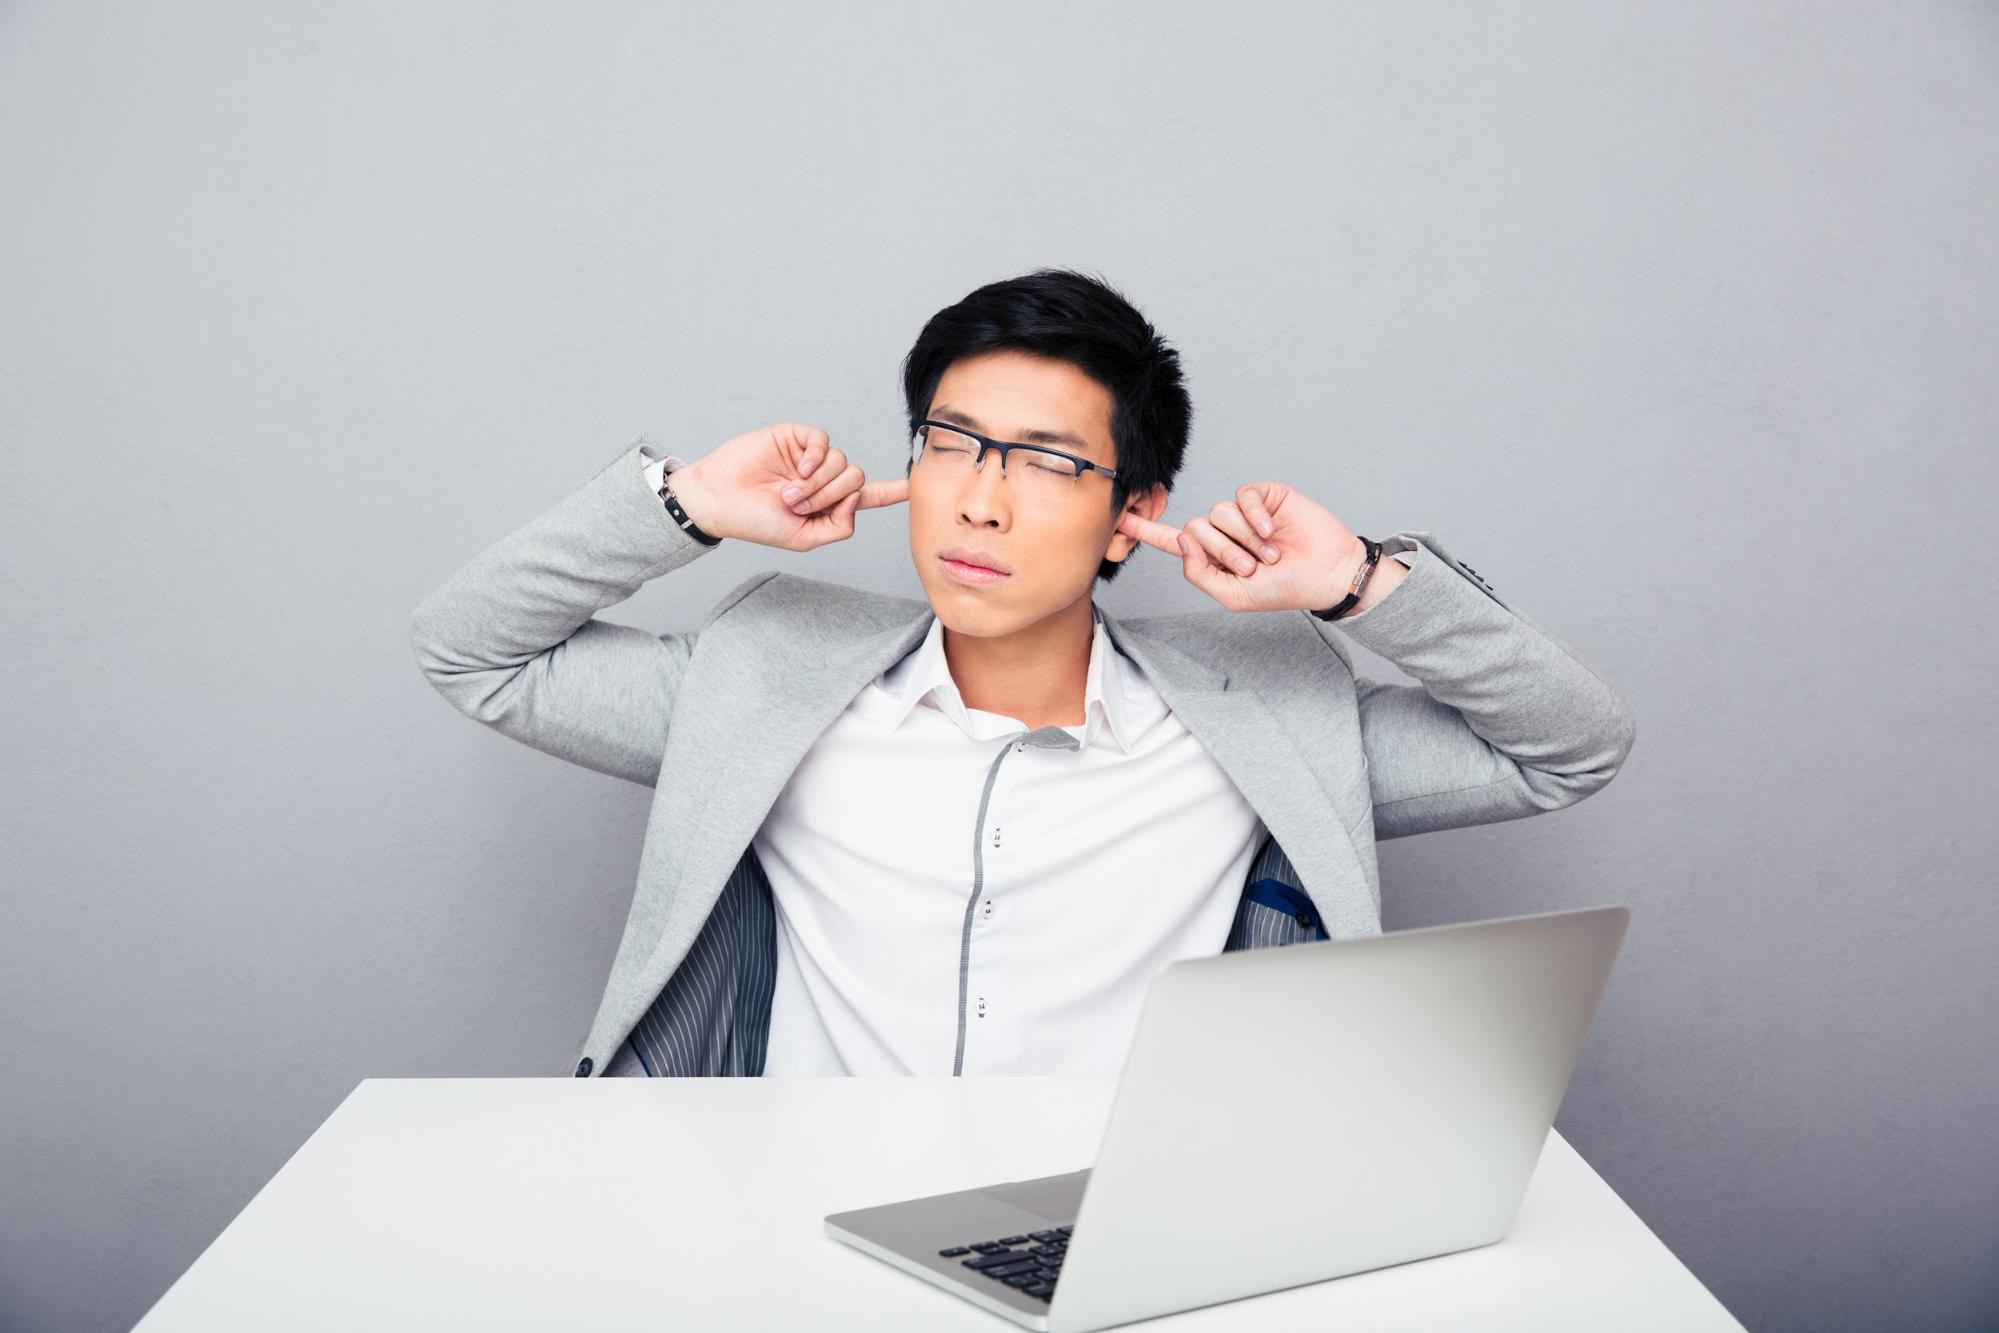 思い込み が 激しい 病気 妄想性障害 - 10. 心の健康問題